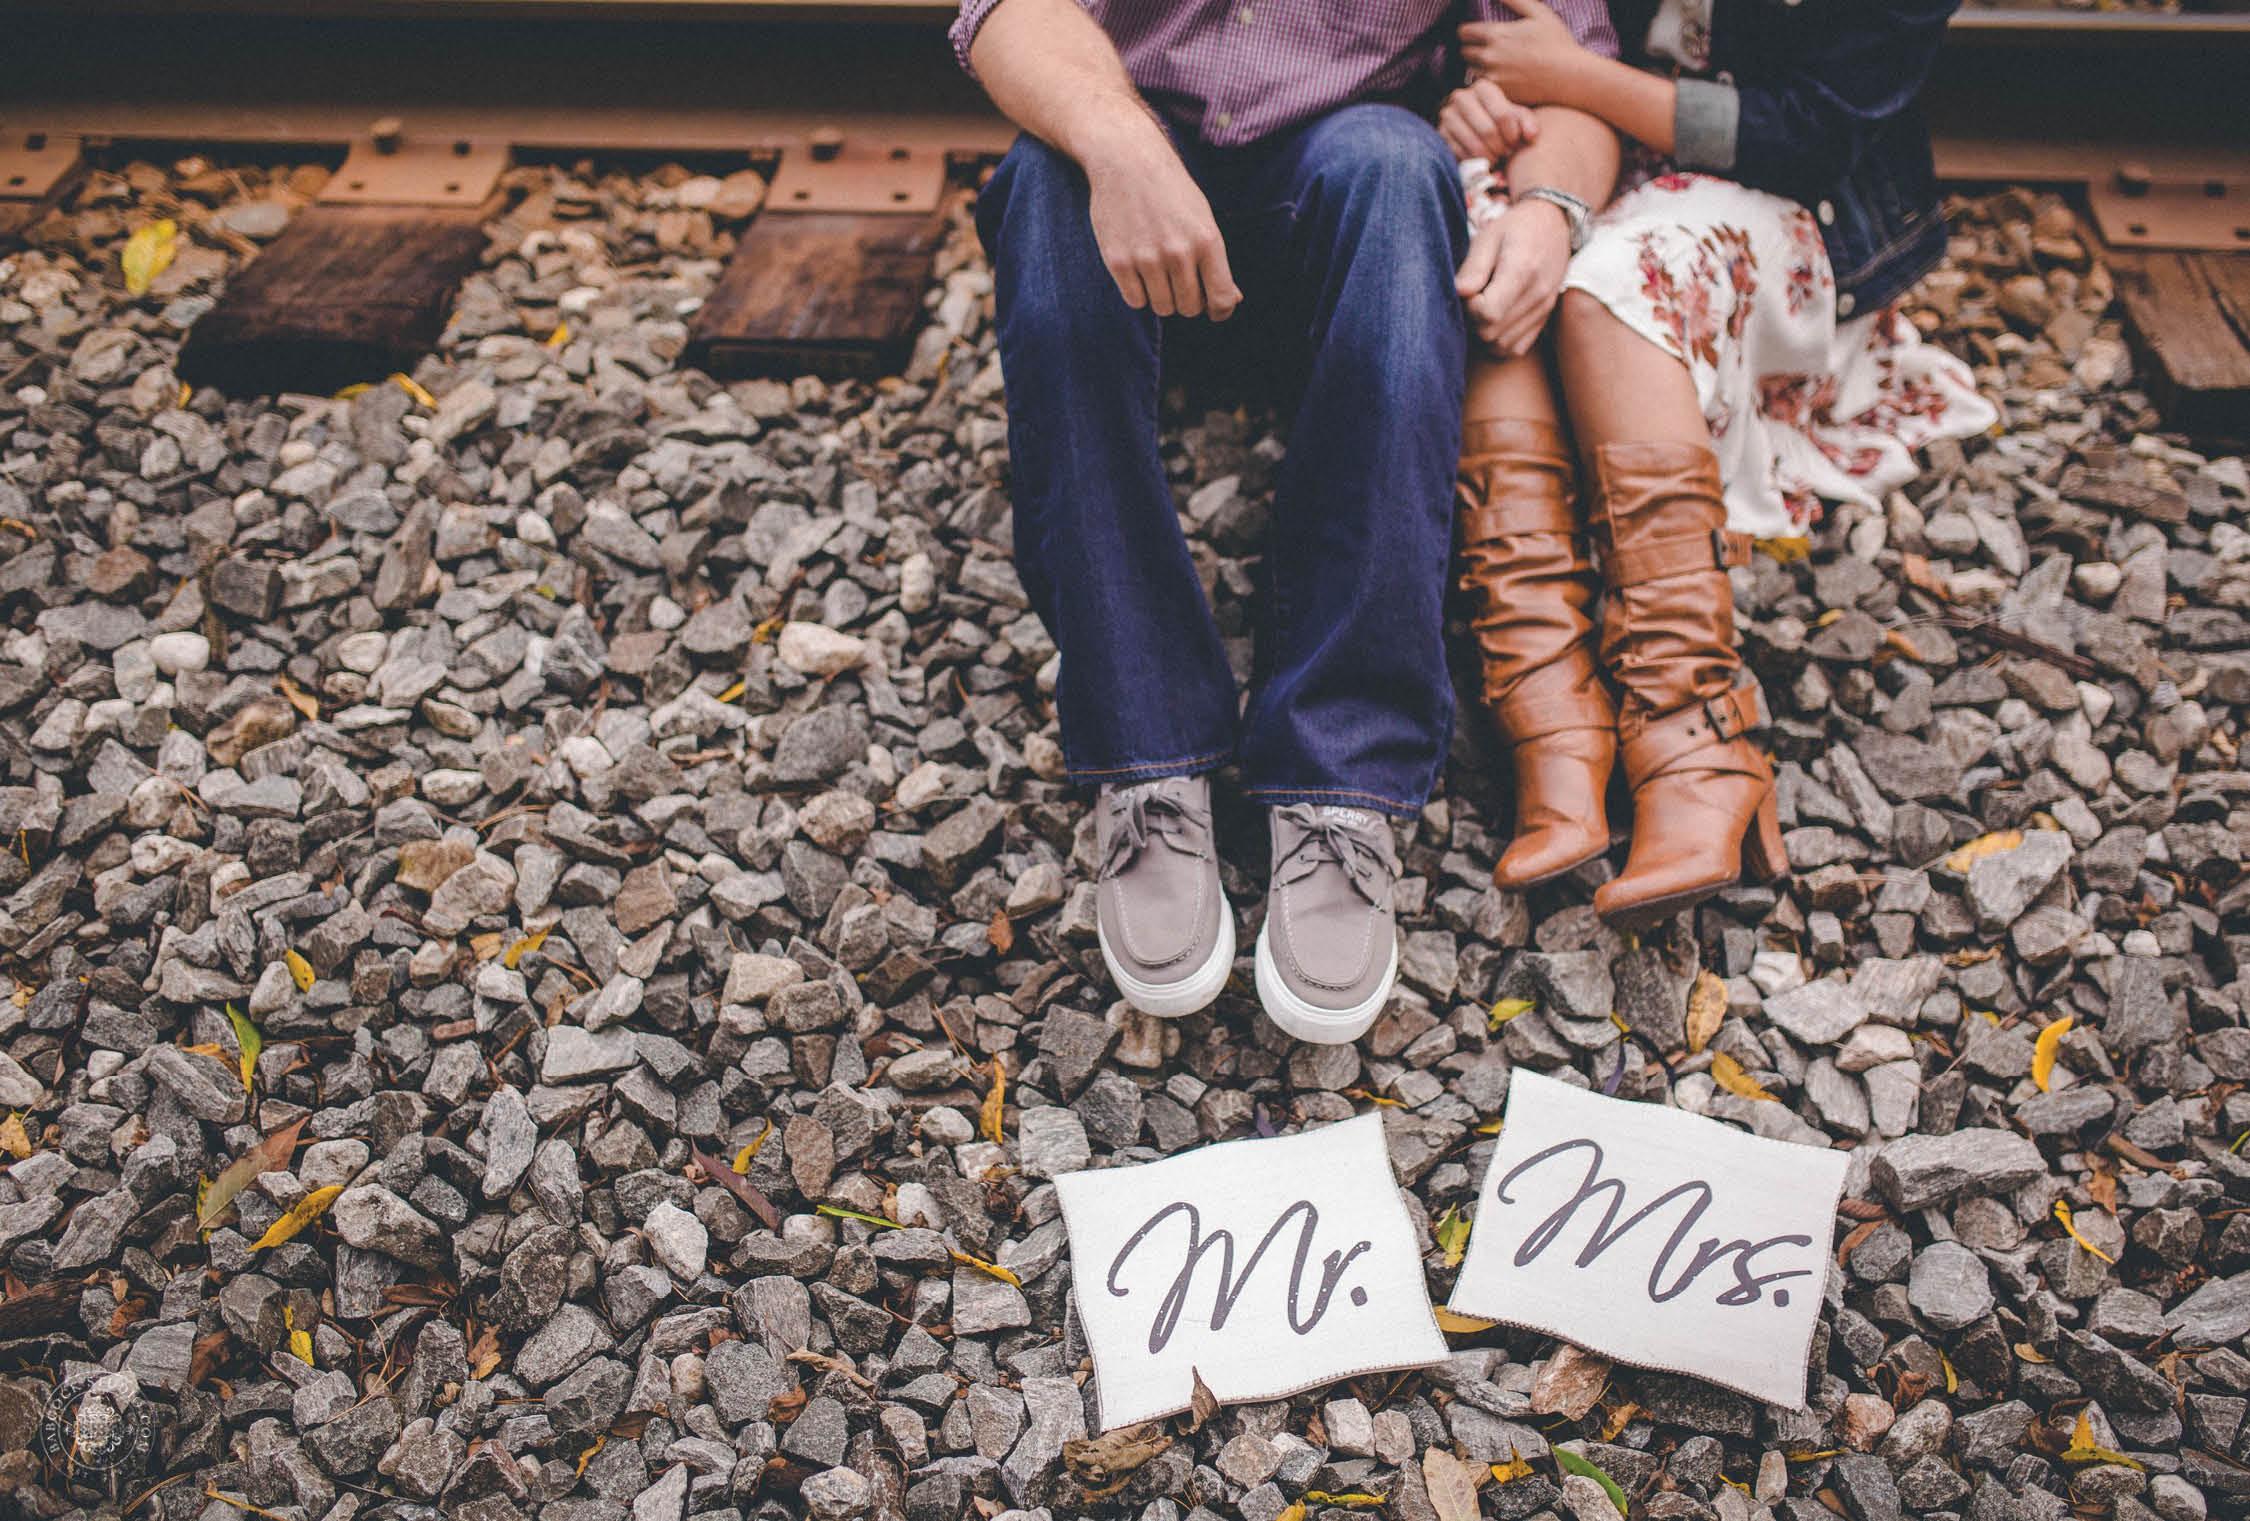 makayla-paul-engagement-photographer-dayton-ohio-.jpg